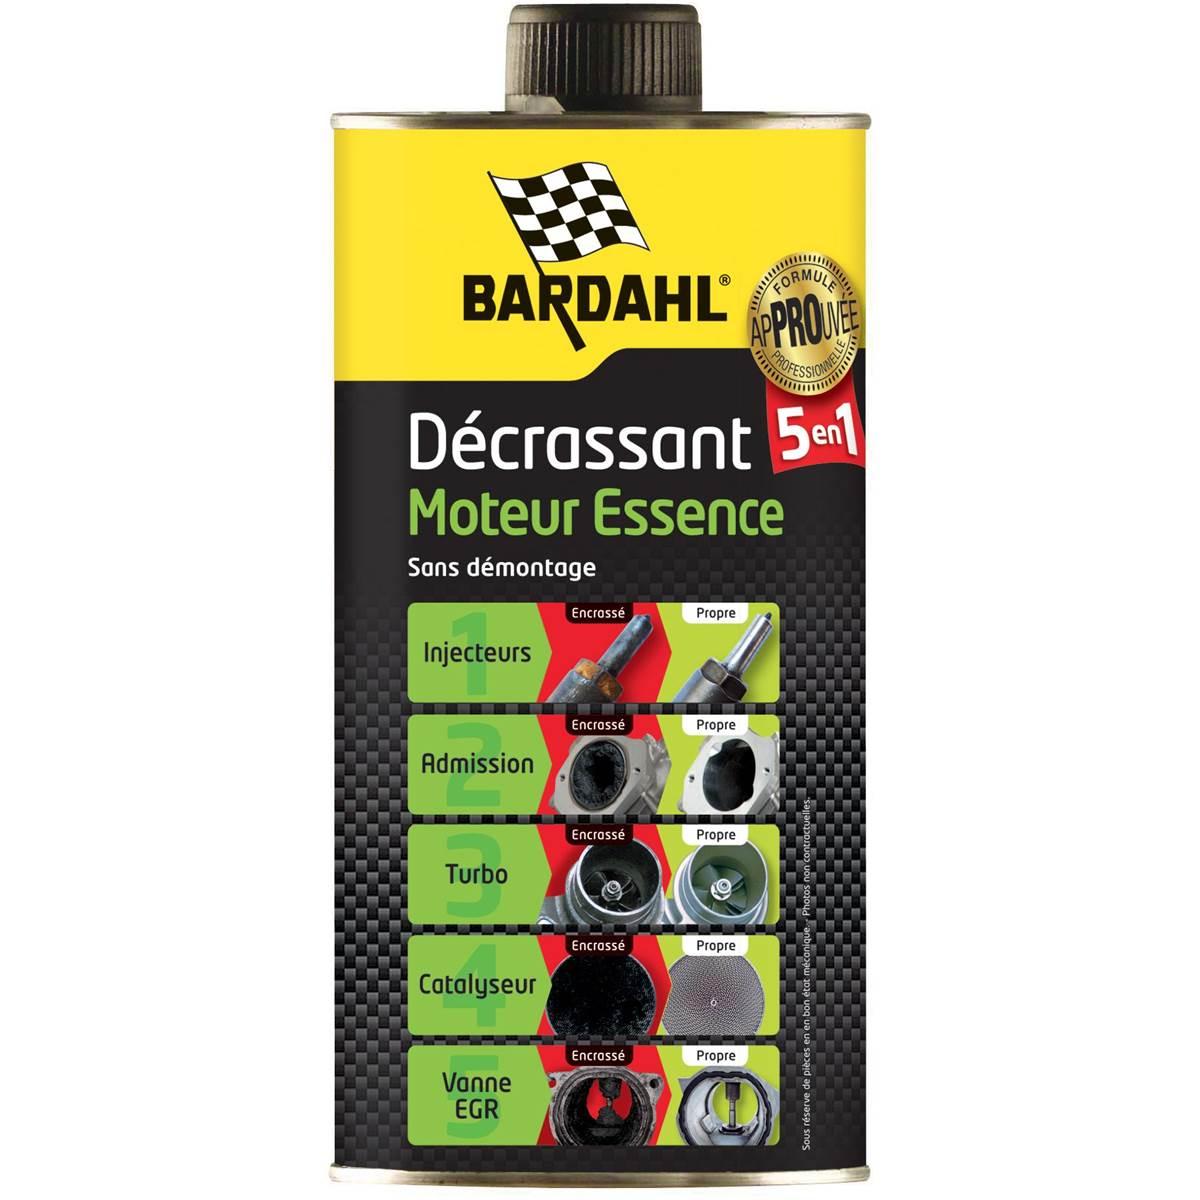 Décrassant moteur 5 en 1 Essence Bardahl 1 L